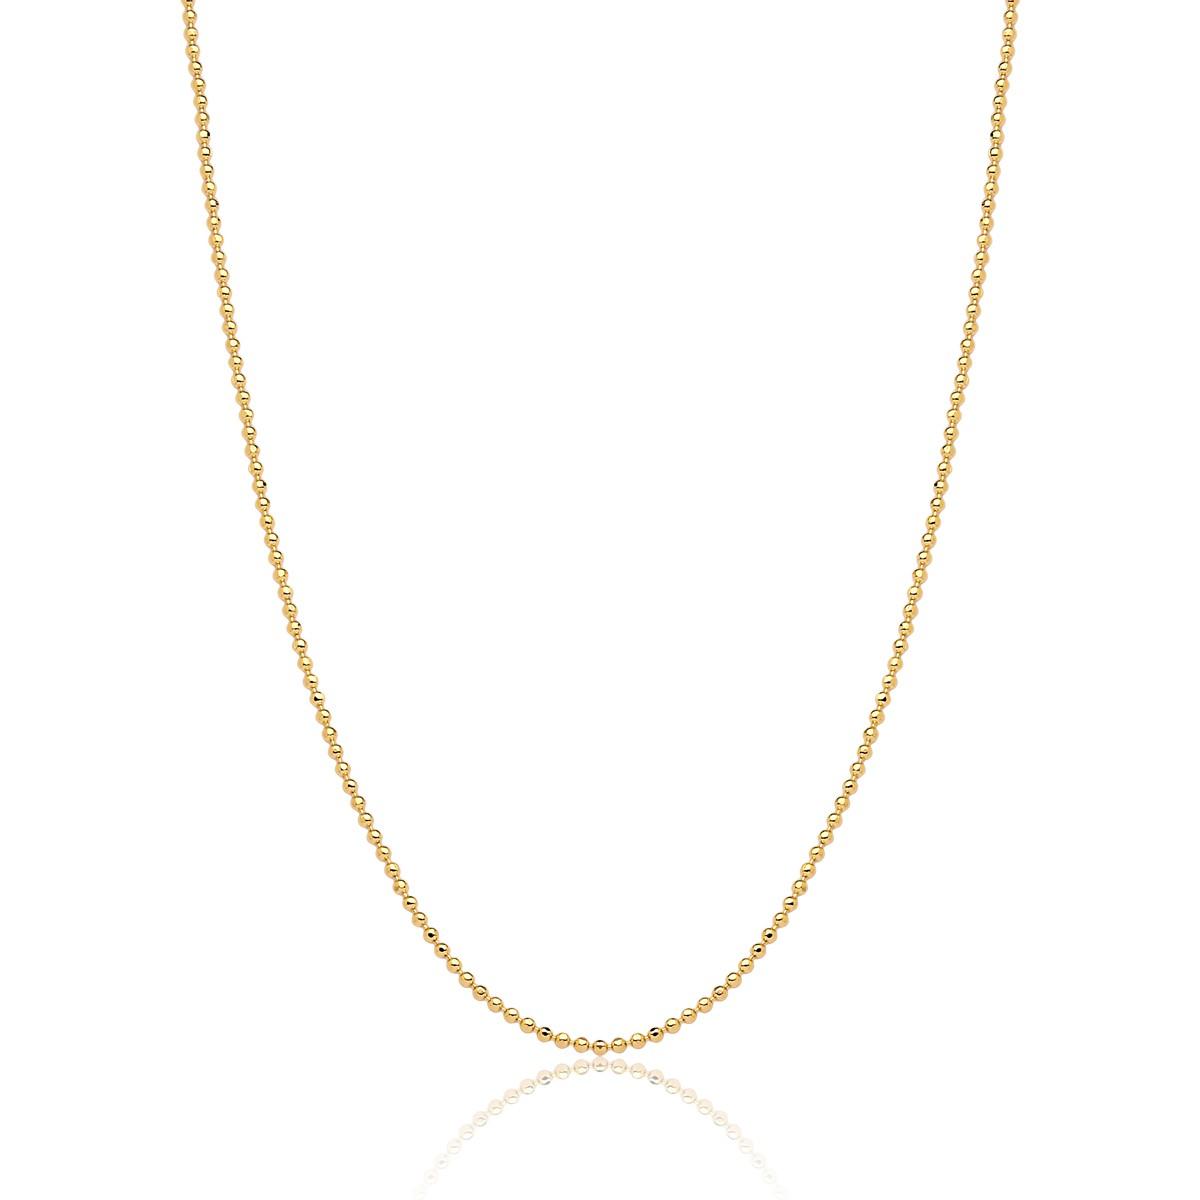 Corrente  Boule D'or de Diamant Revestida em Ouro